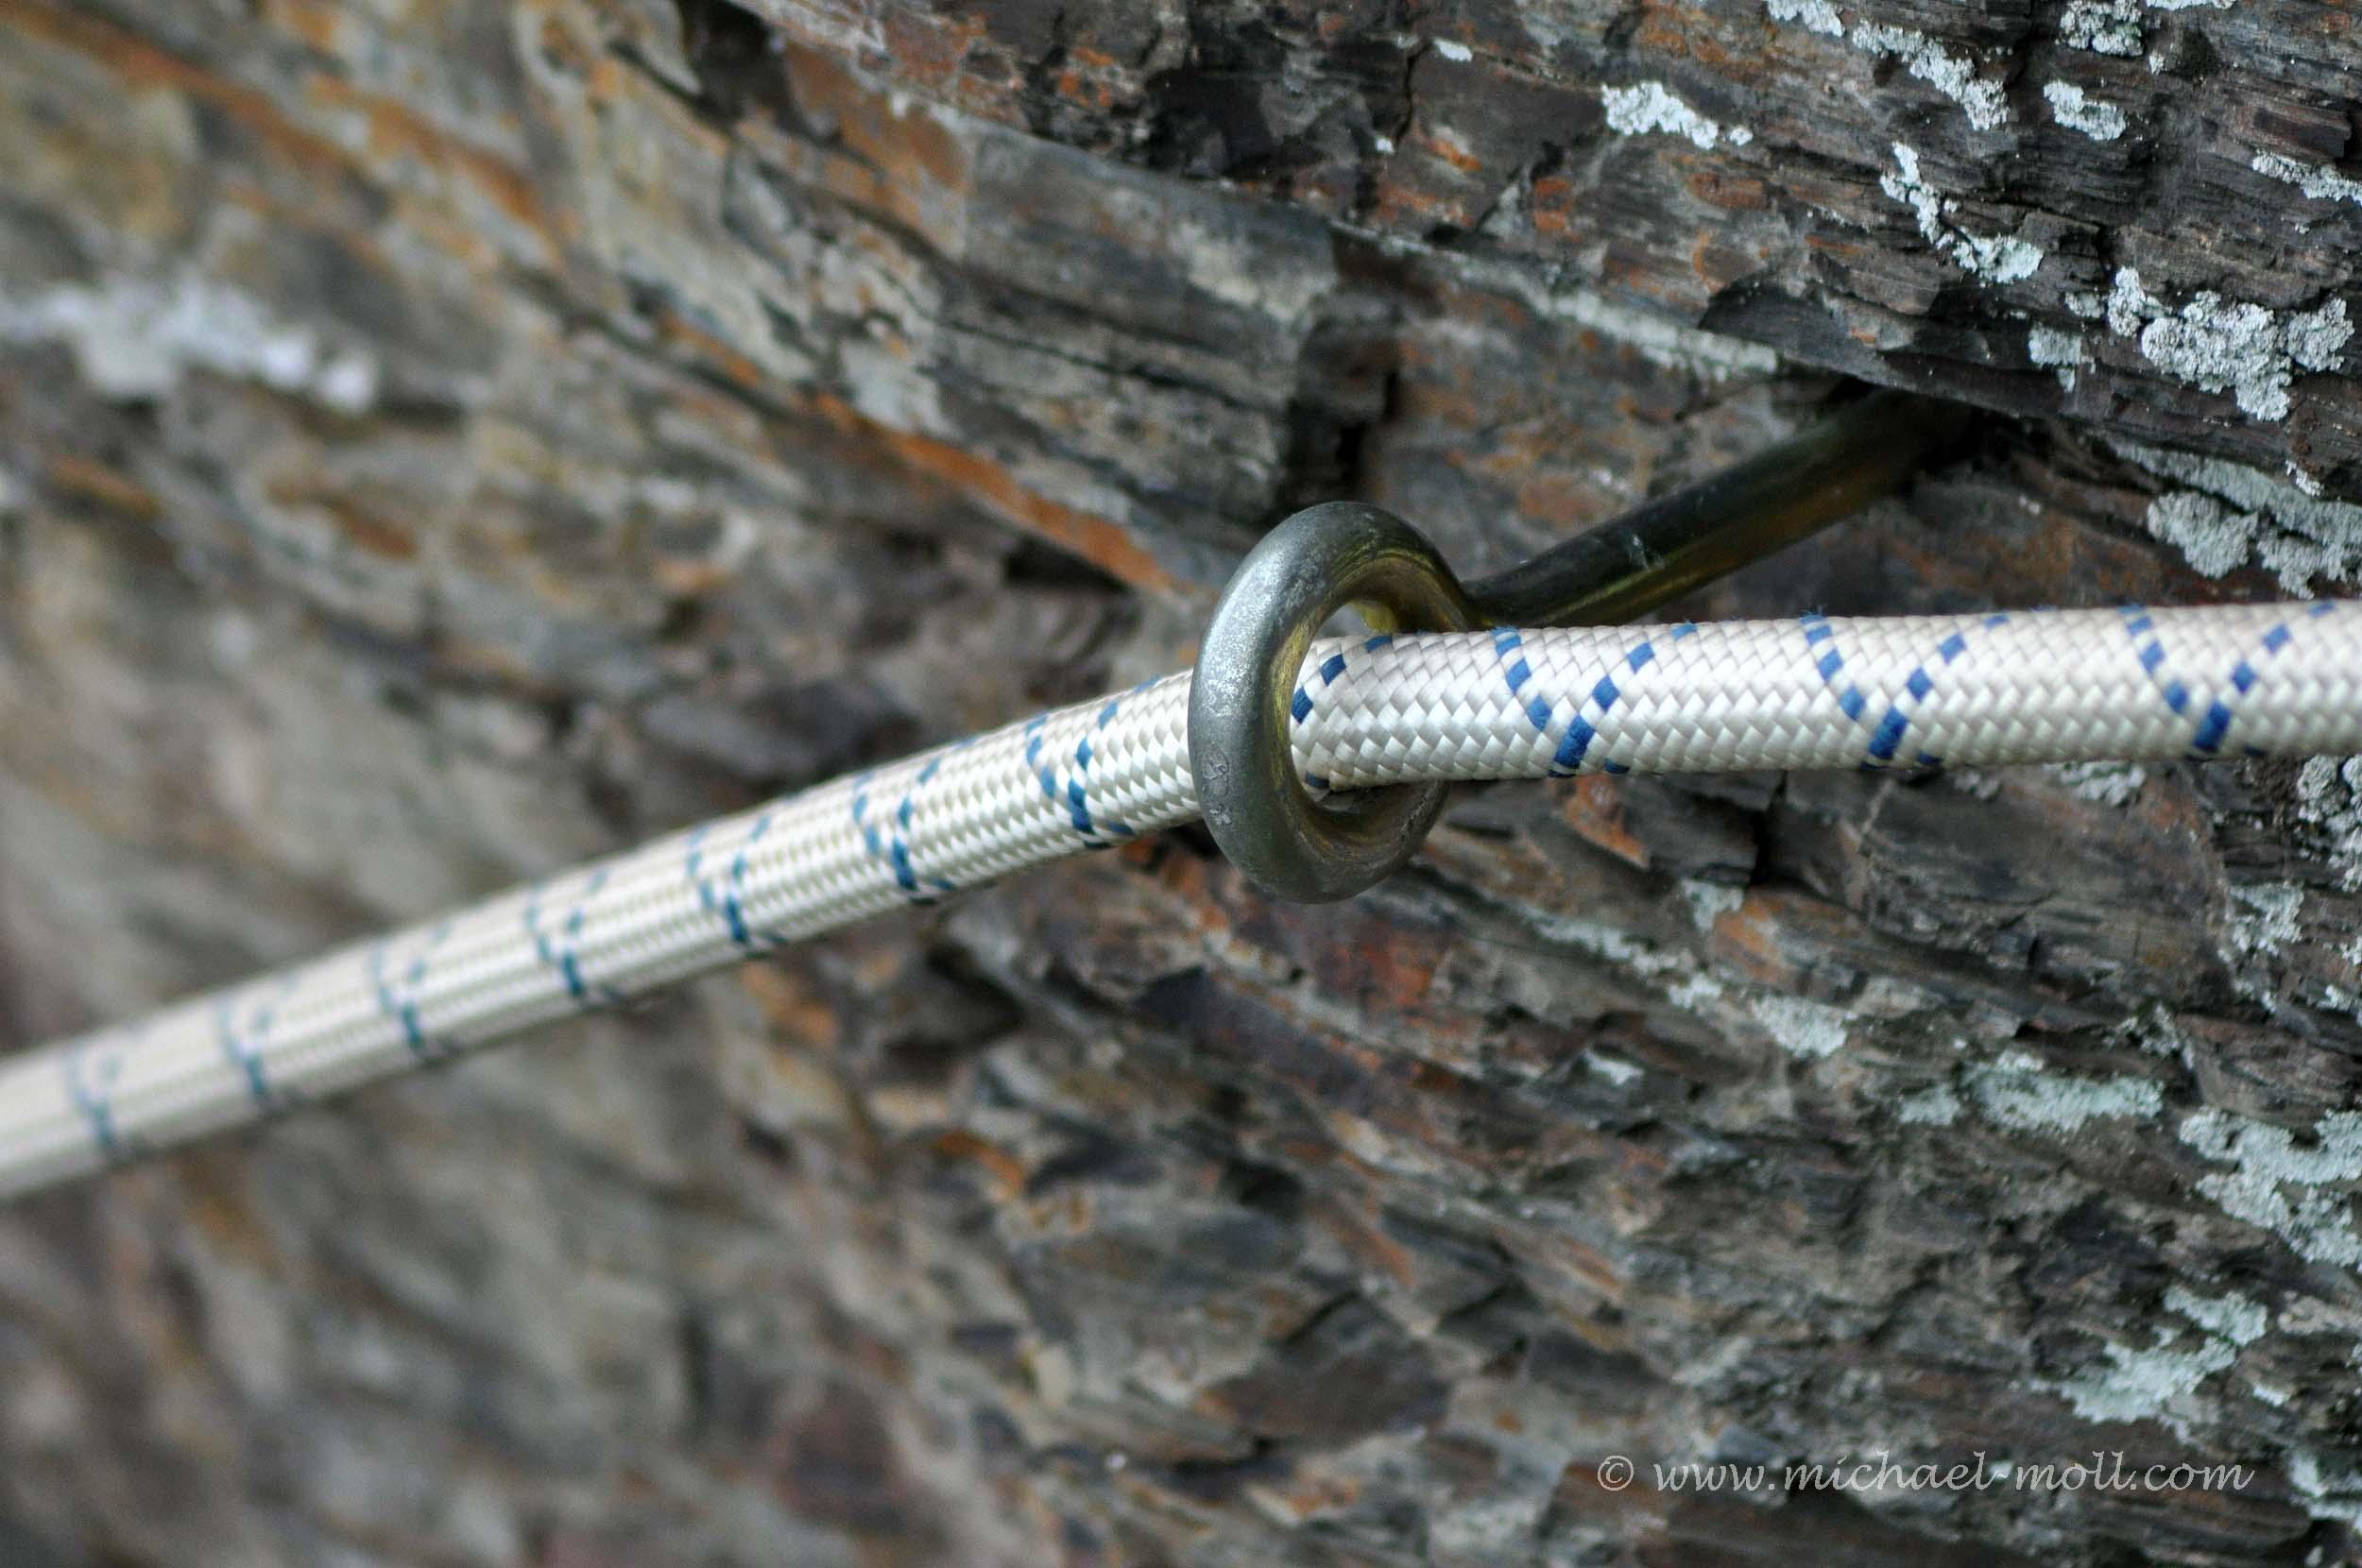 Seilsicherung im Klettersteig